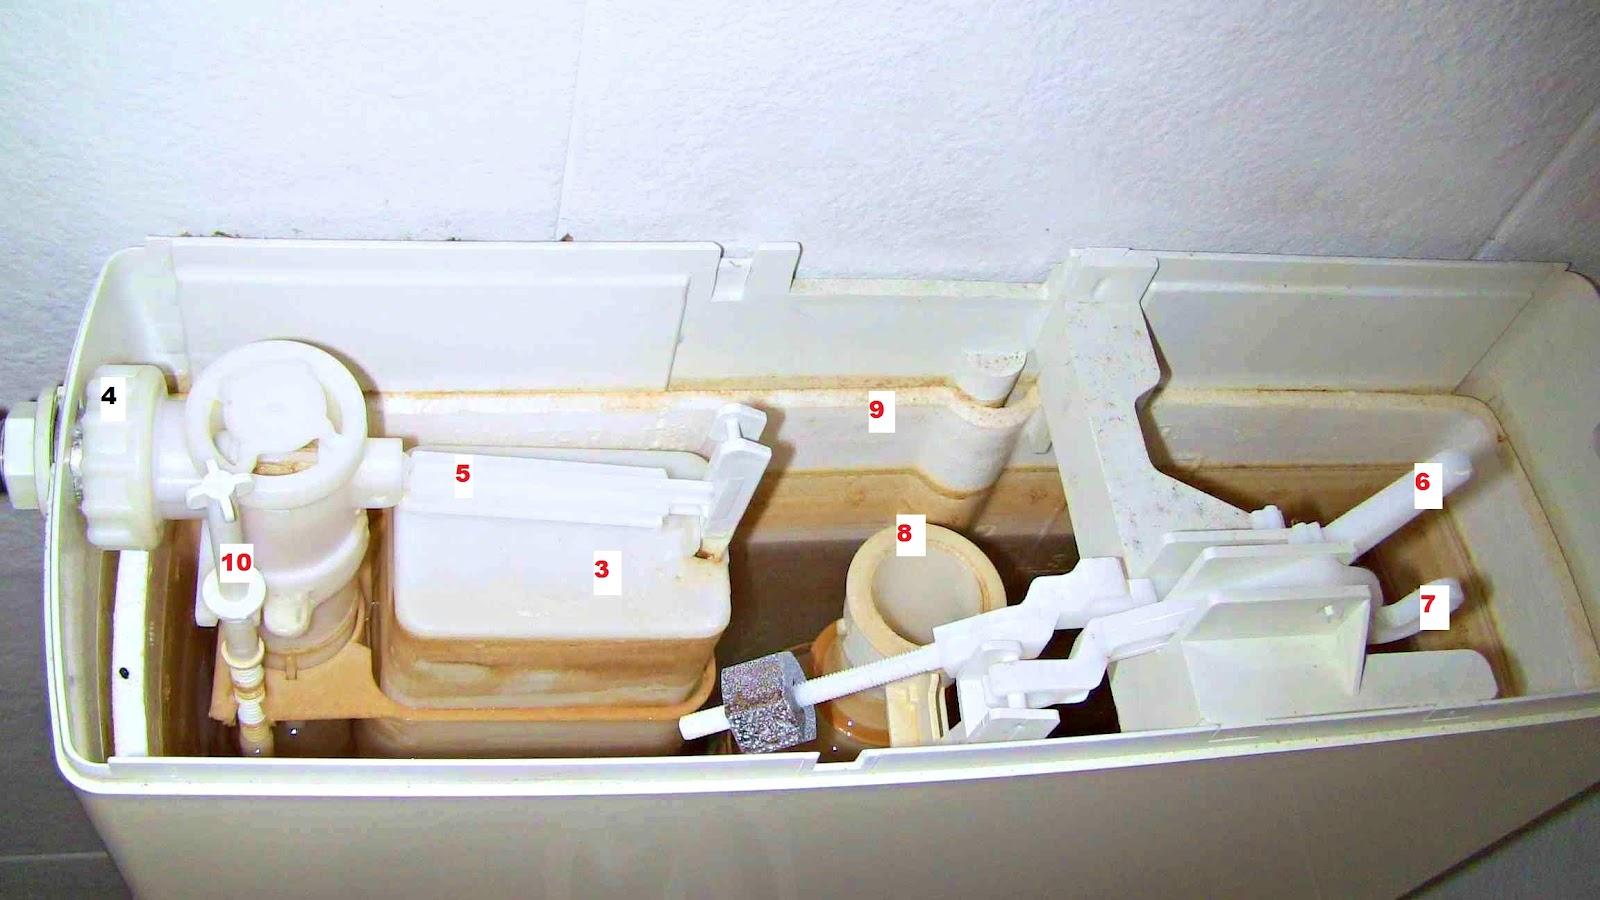 kariba cassetta esterna wc  fai da te con l'esperto tuttofare -: Cassetta wc esterna Kariba